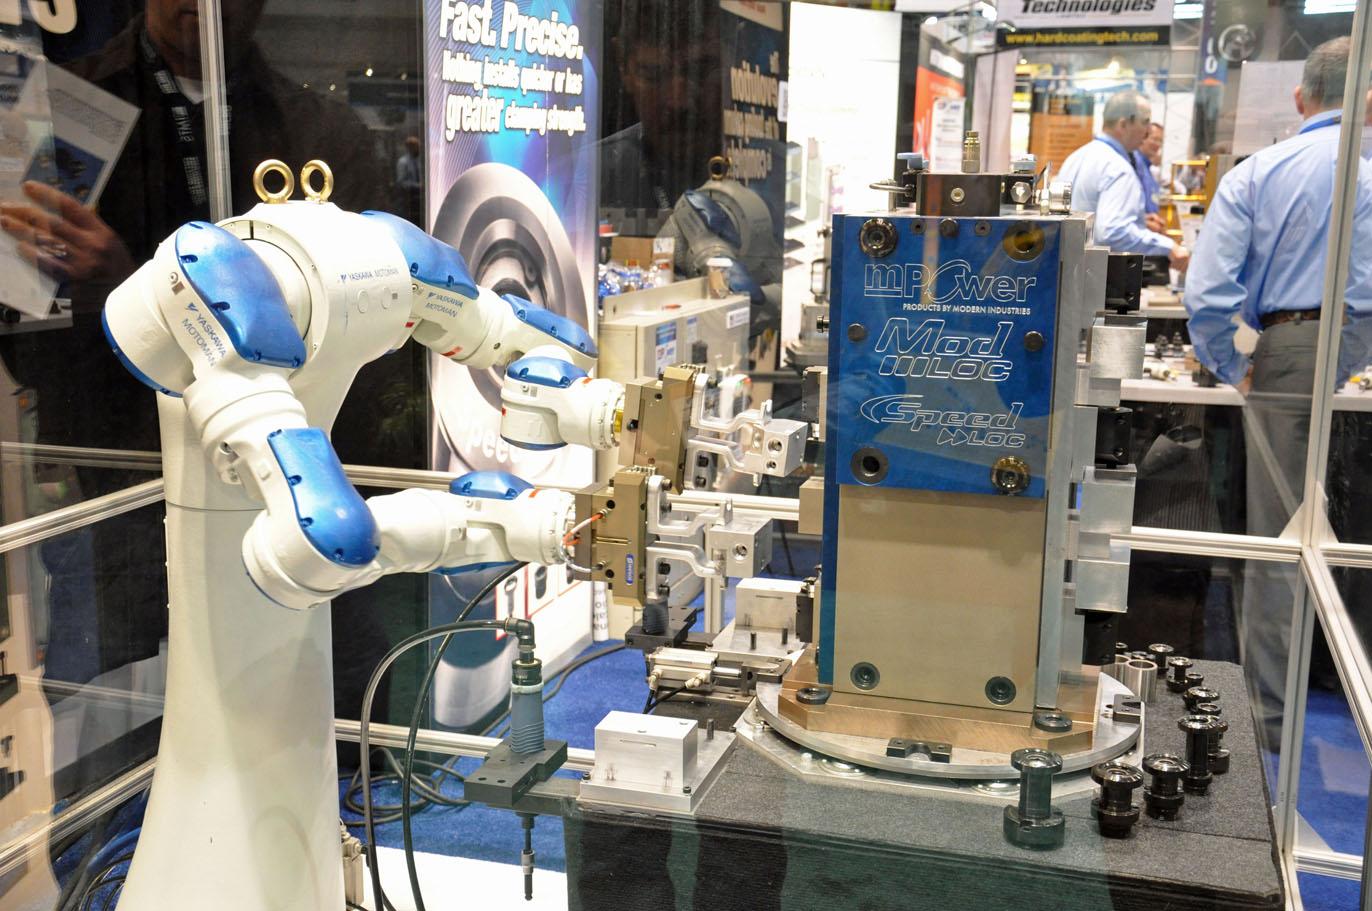 De fabriek van de toekomst: hyper efficiënt, duurzaam, modulair